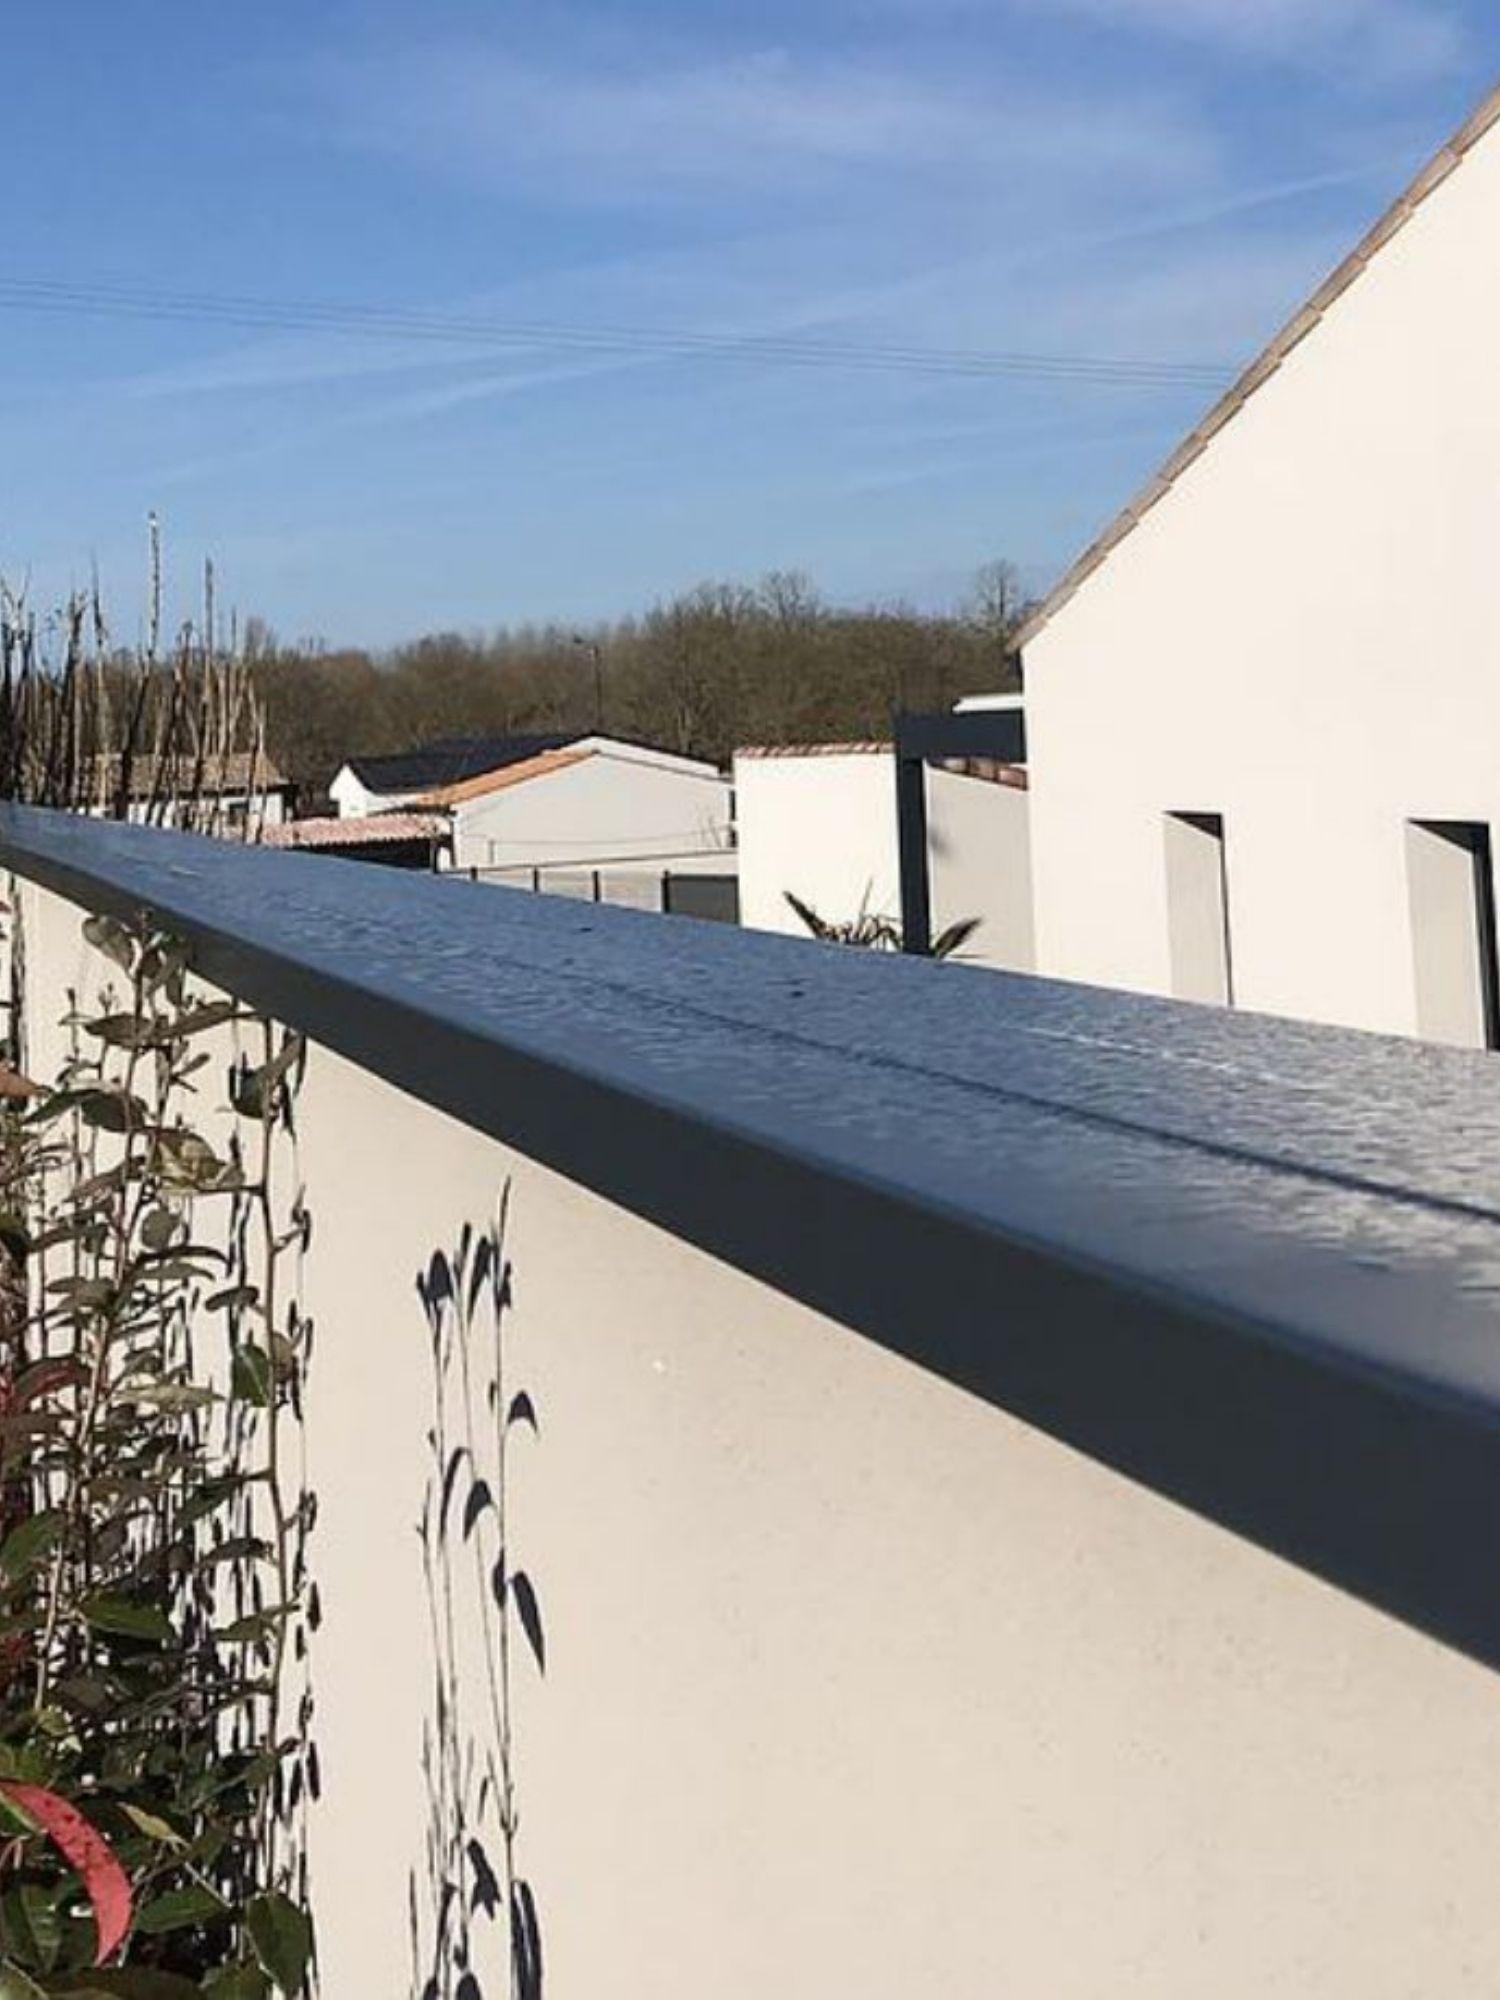 Installation d'acrotères - Chaperon et couvre mur en aluminium